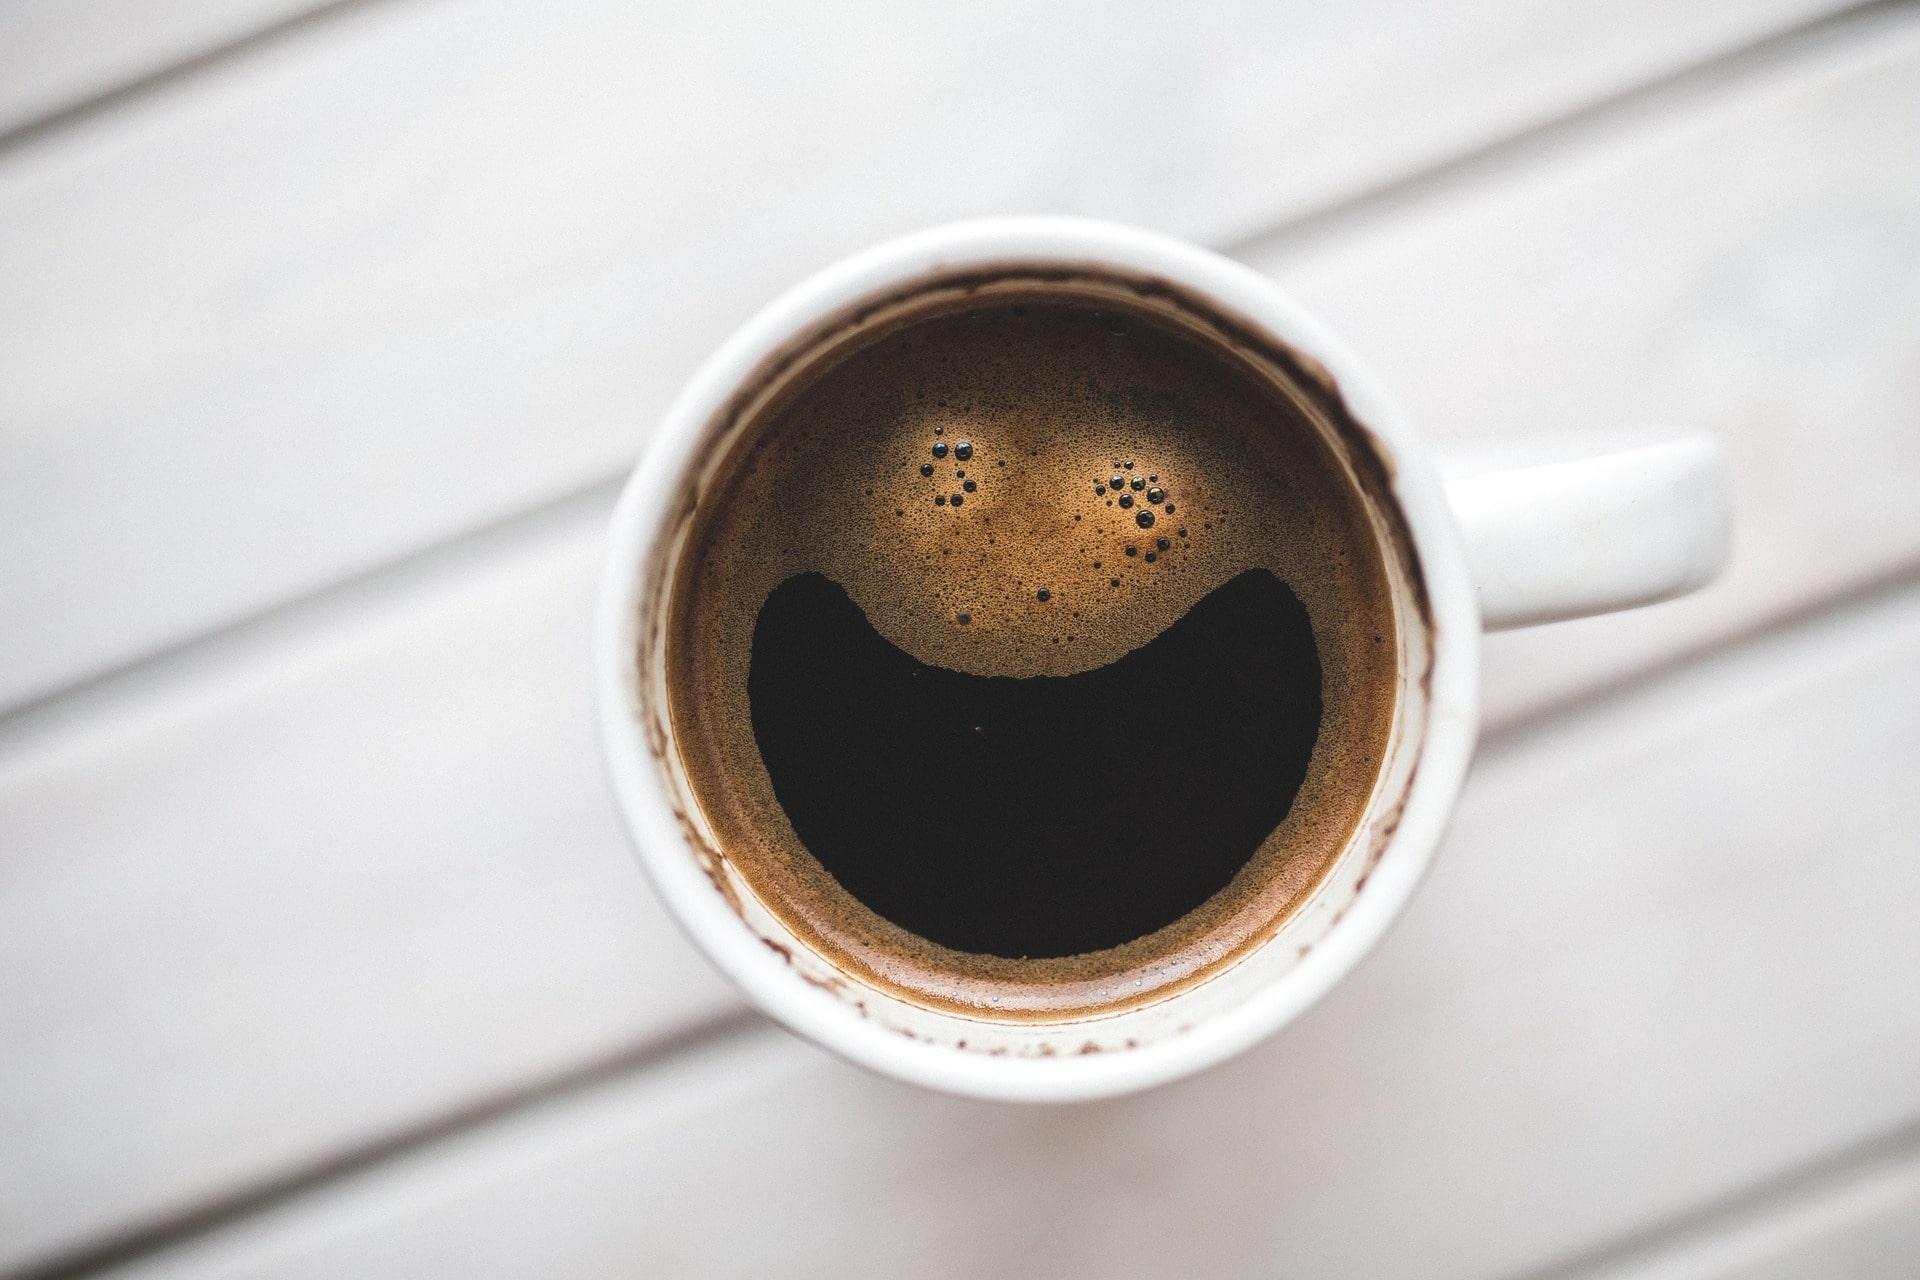 kahvikuppi valkoisella pinnalla ylhäältä katsottuna